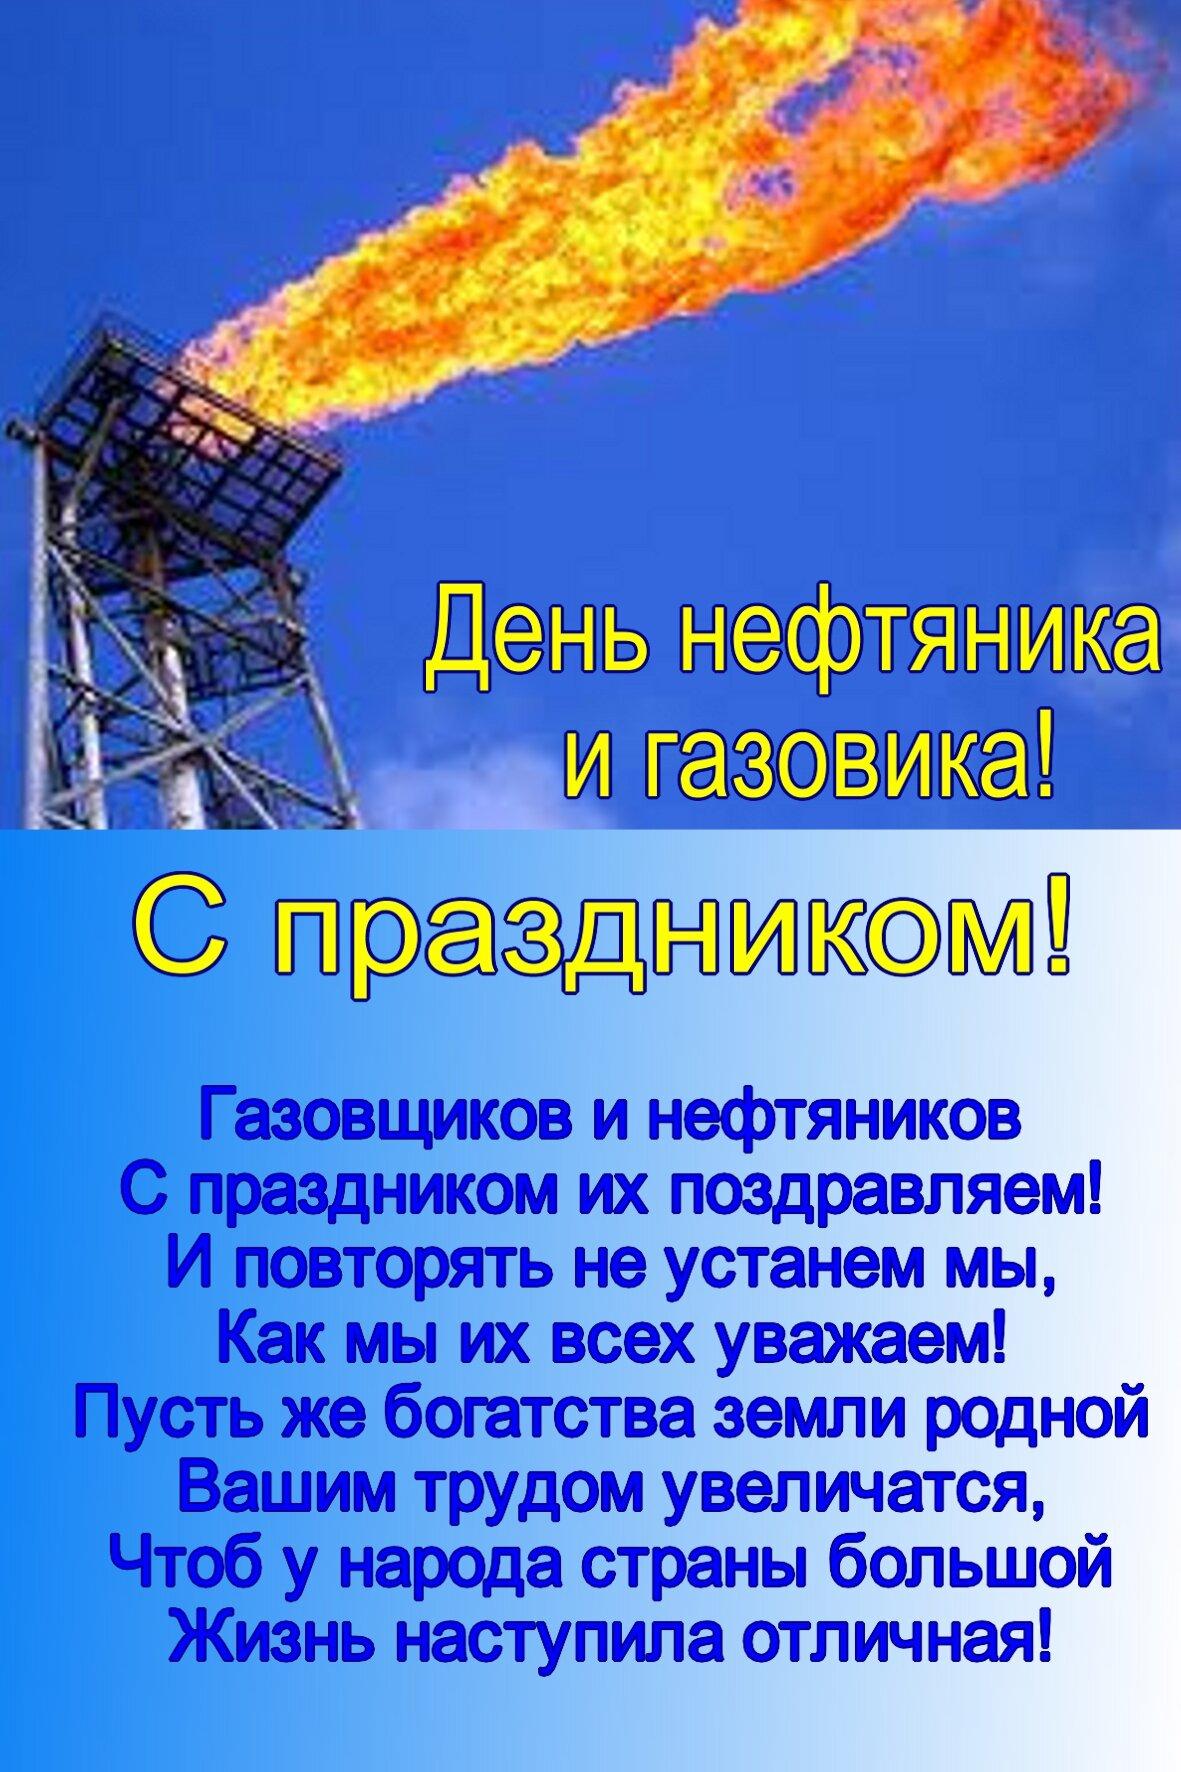 Днем нефтяника открытки